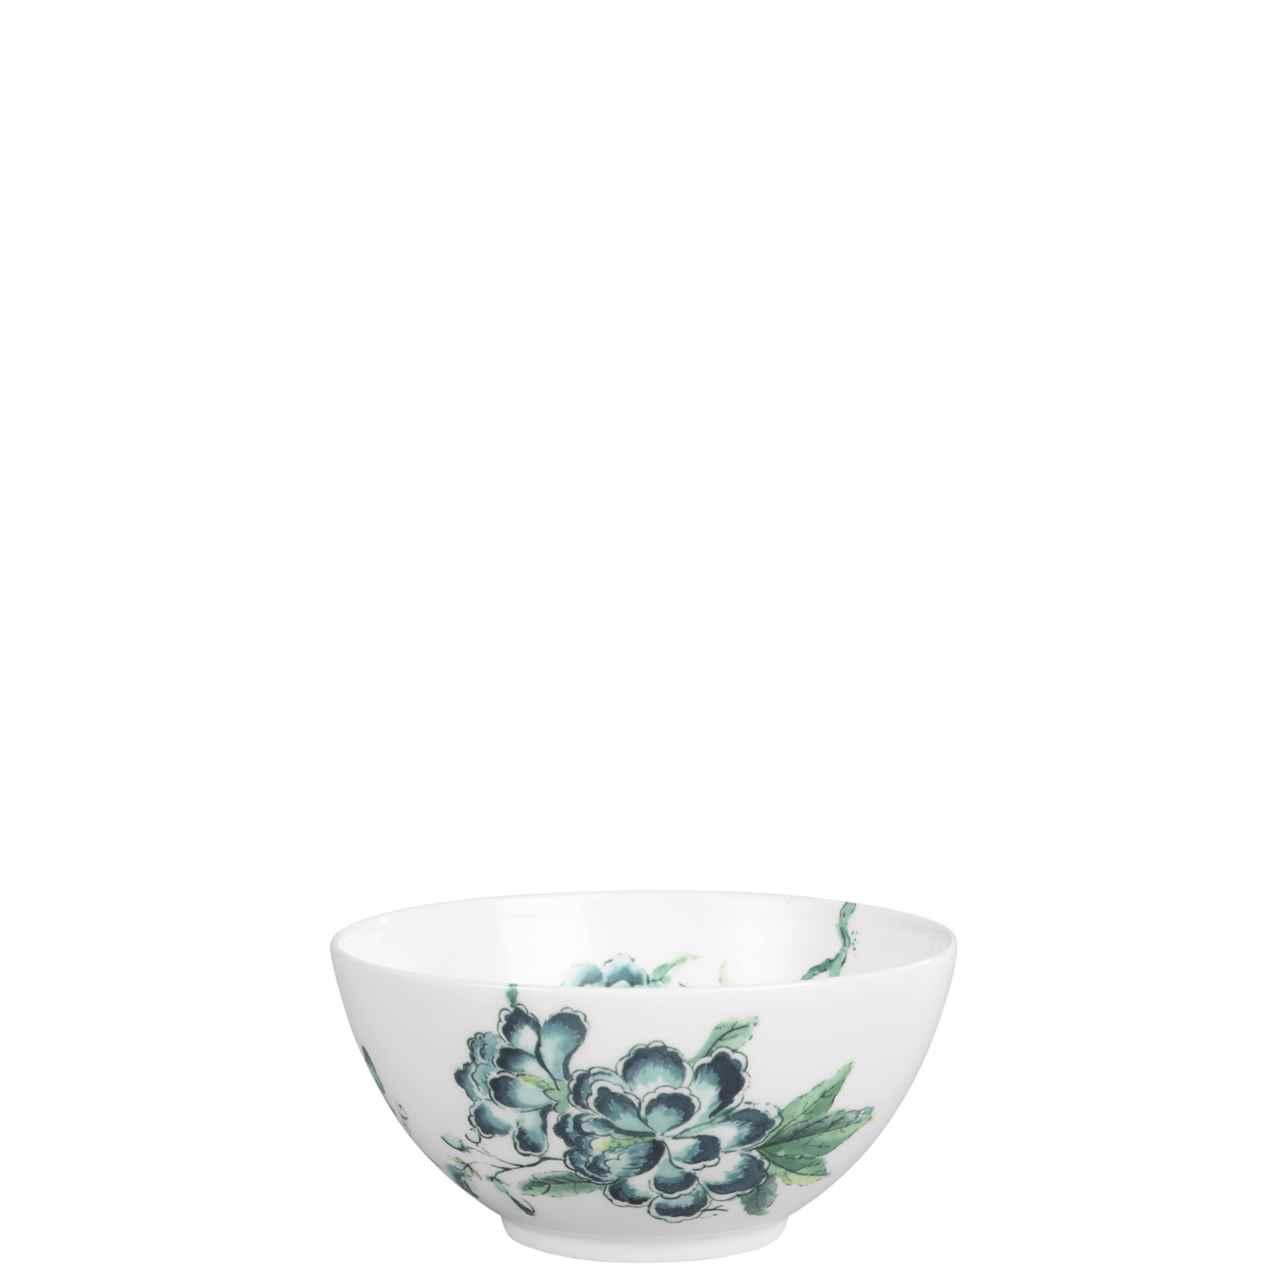 Jasper Conran Chinoiserie White Gift Bowl 14cm